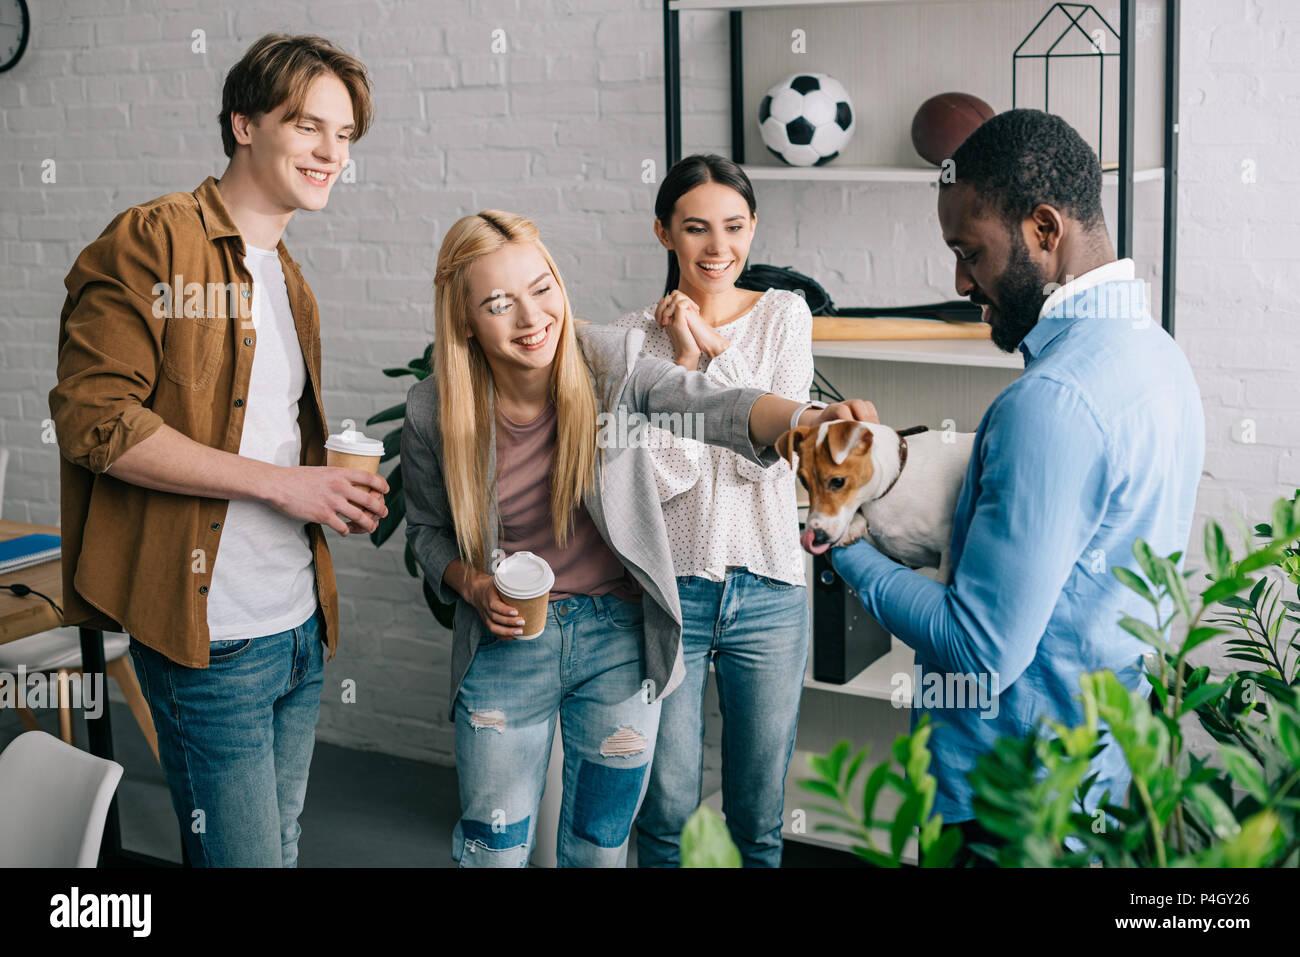 Afrikanische amerikanische Geschäftsmann holding Hund von lächelnden und Kollegen mit Kaffee Tassen umgeben Stockbild